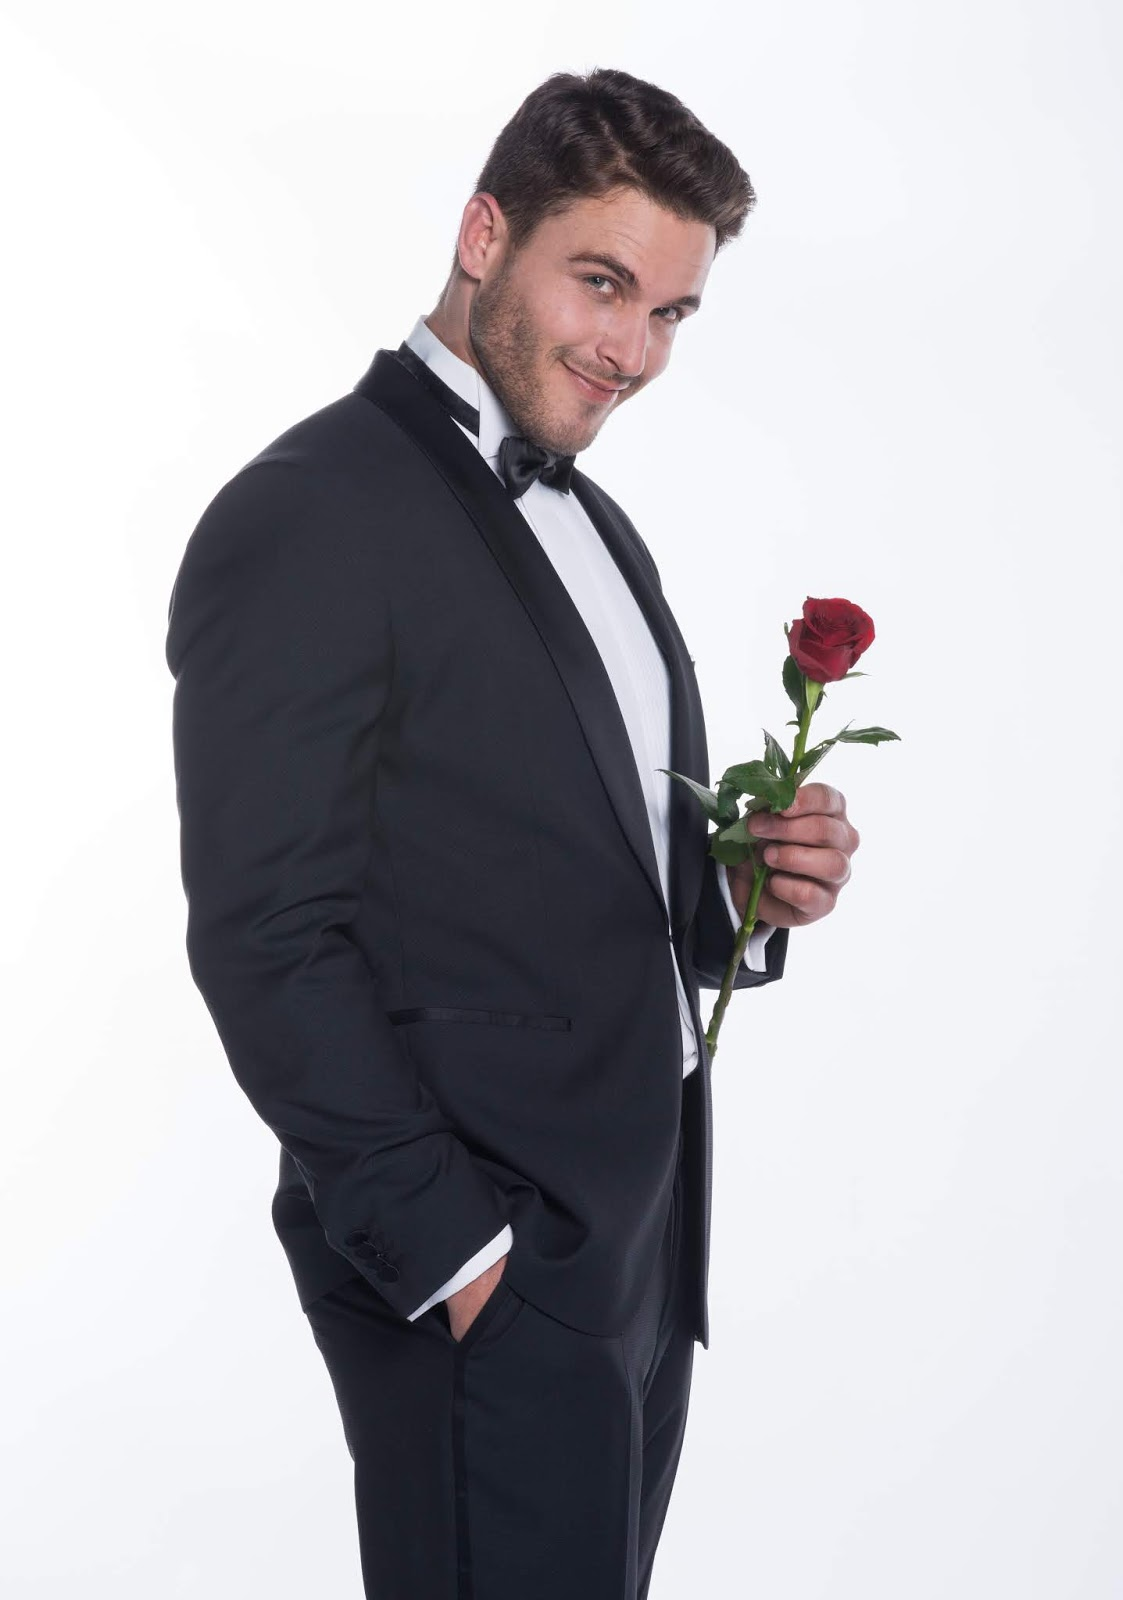 Bachelor South Africa - Lee Thompson - Season 1 - Media SM - *Sleuthing Spoilers* Lee%2BThompson%2BM-Net%2BThe%2BBachelor%2BSA%2BThe%2BBachelor%2BSA%2Bdressed%2Bin%2Bsuit%2Brose